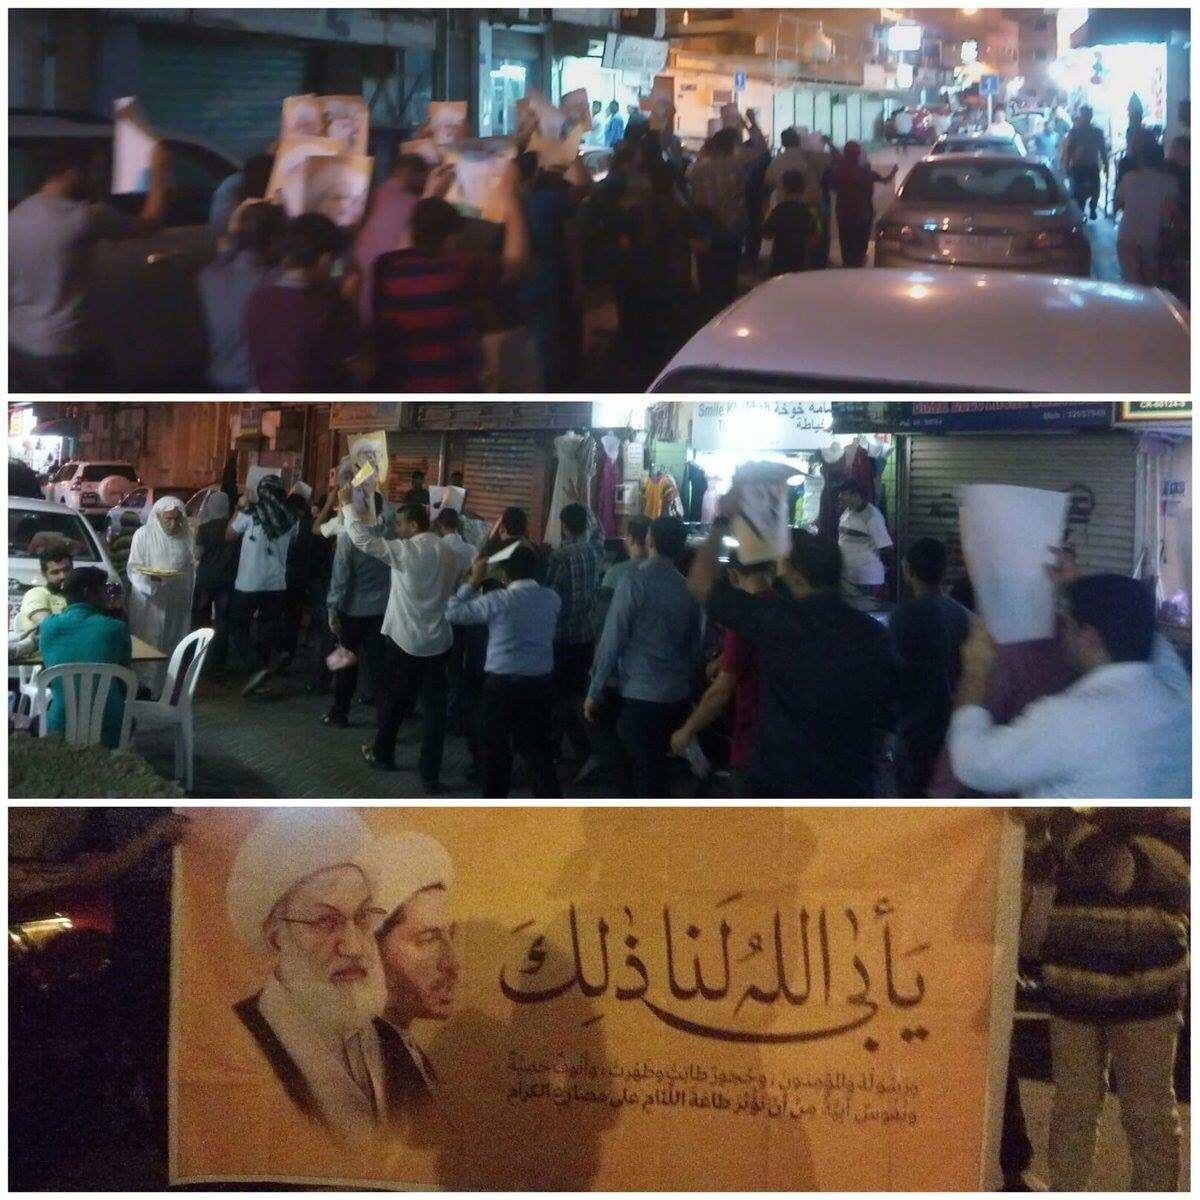 تظاهرة ثوريّة في «المنامة» ليلة الغضب الثوريّ نصرة للفقيه قاسم